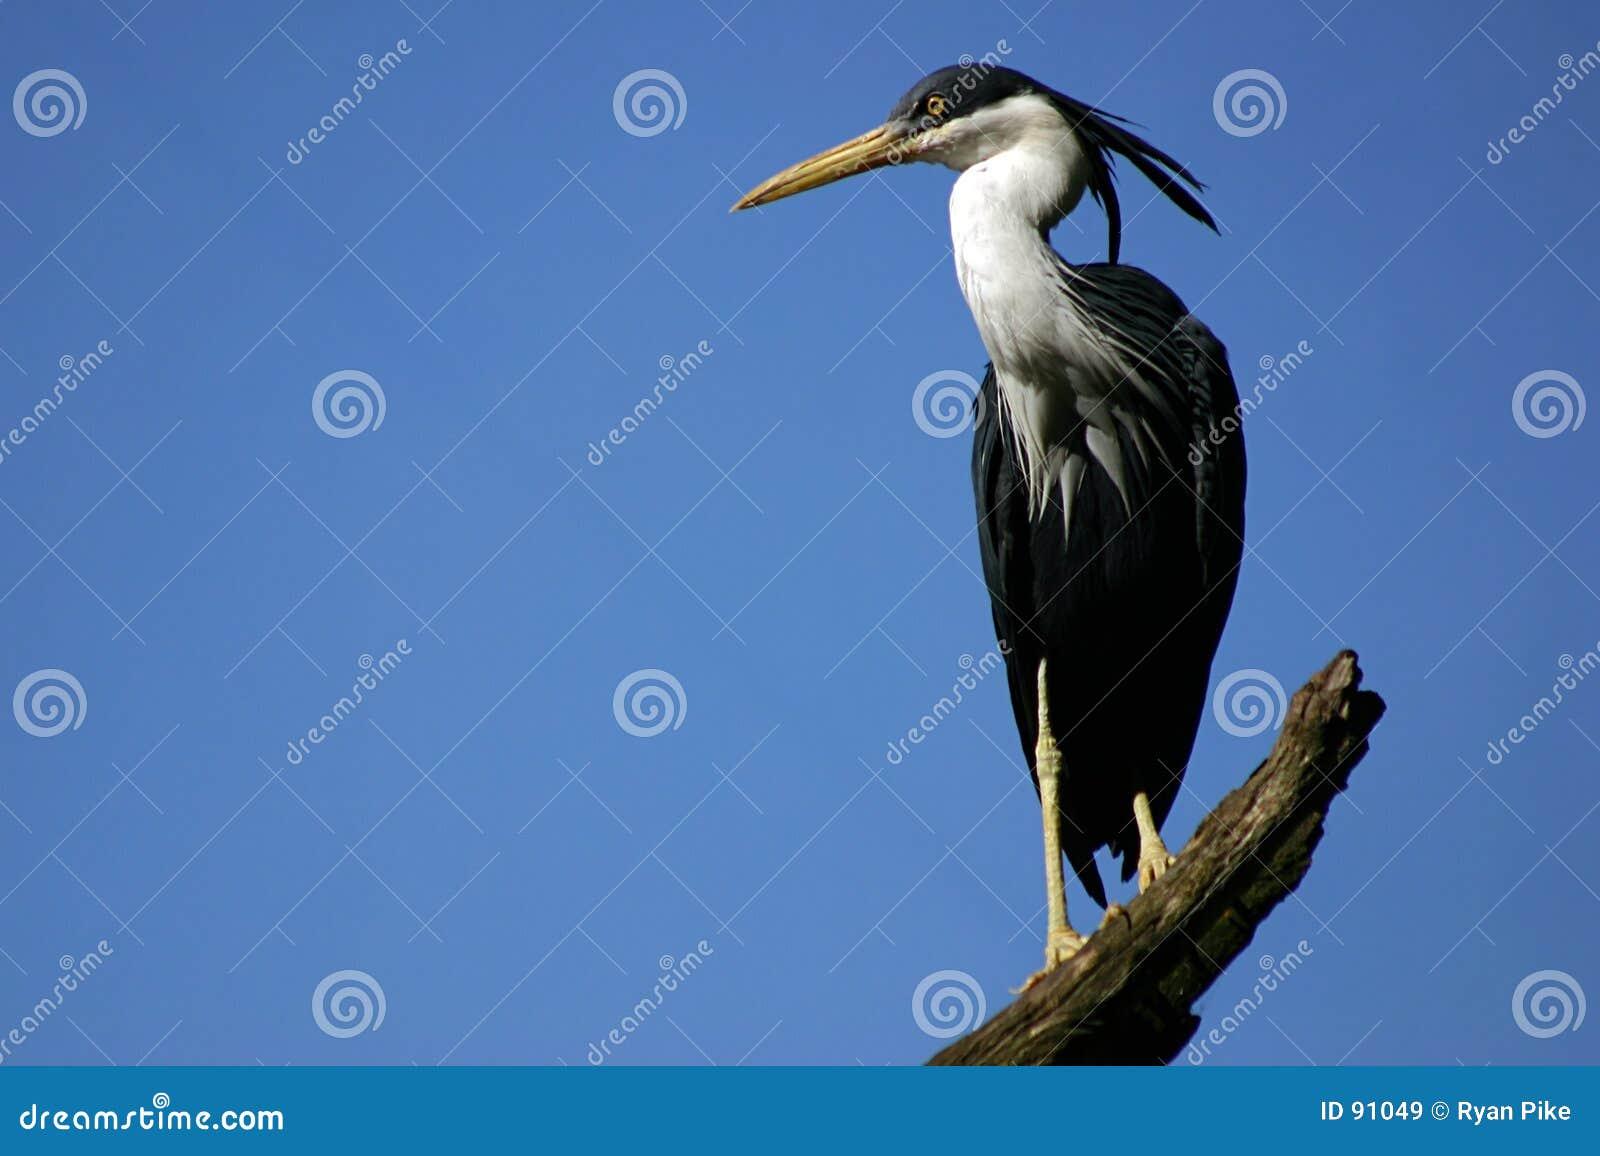 - heron